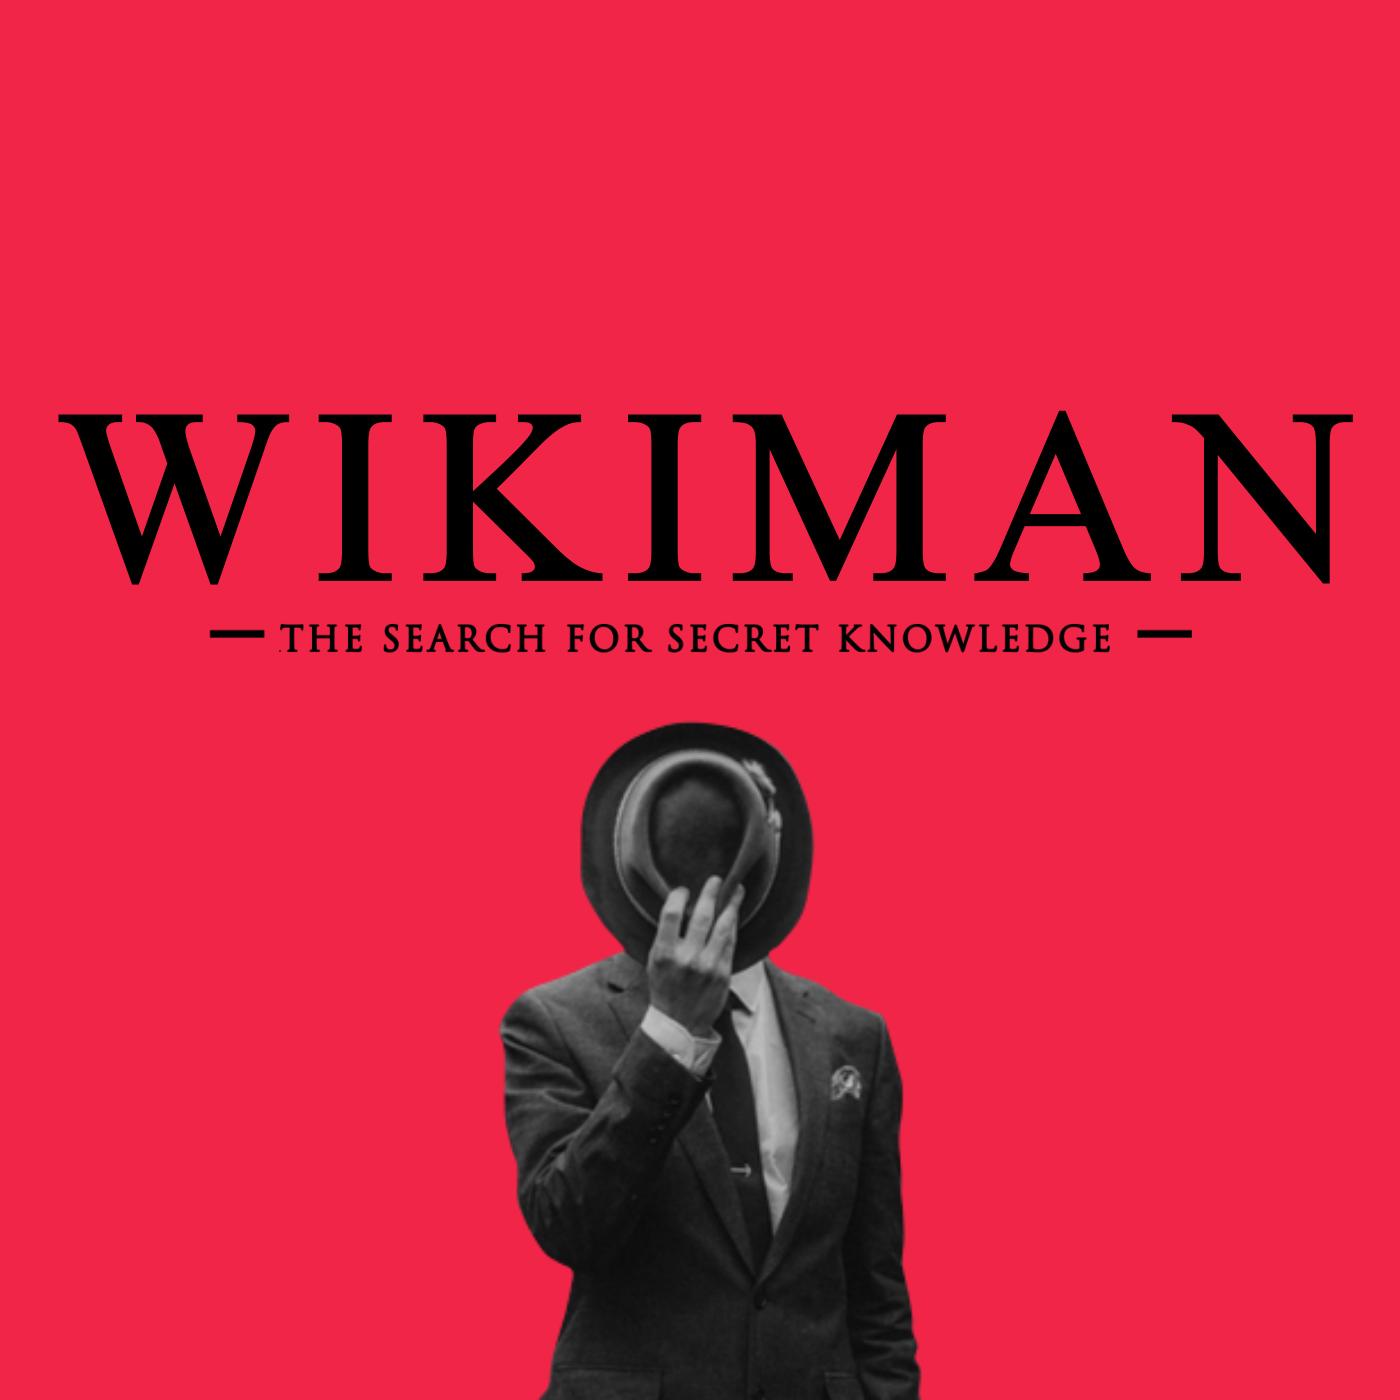 위키맨, 책에는 없는 지식을 캐보는 고품격 젠틀방송